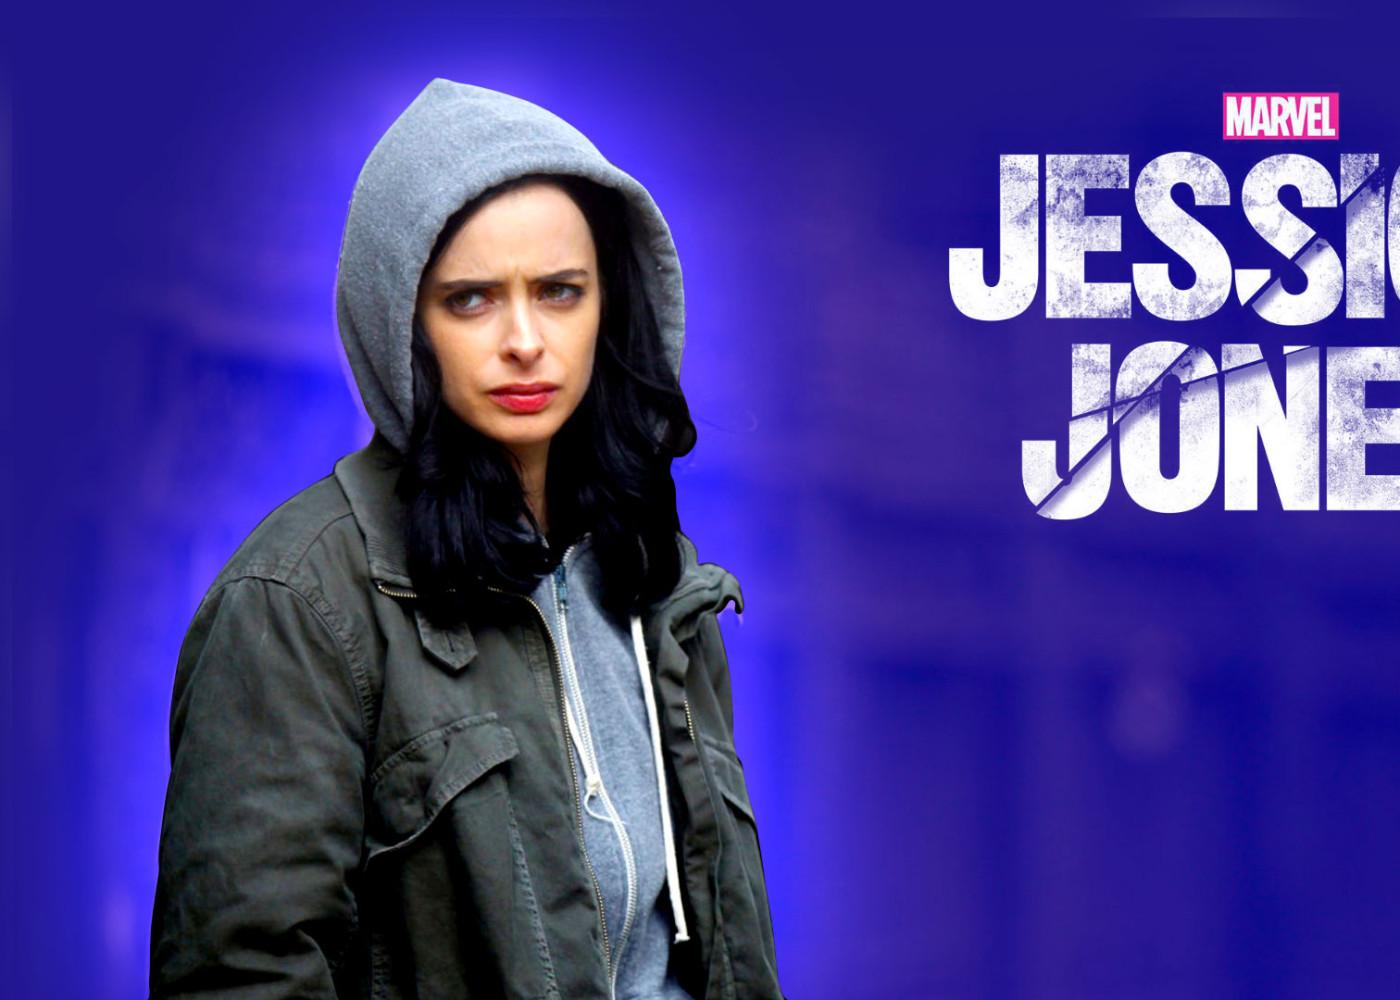 jessica jones. marvel. netflix. the action pixel. @theactionpixel